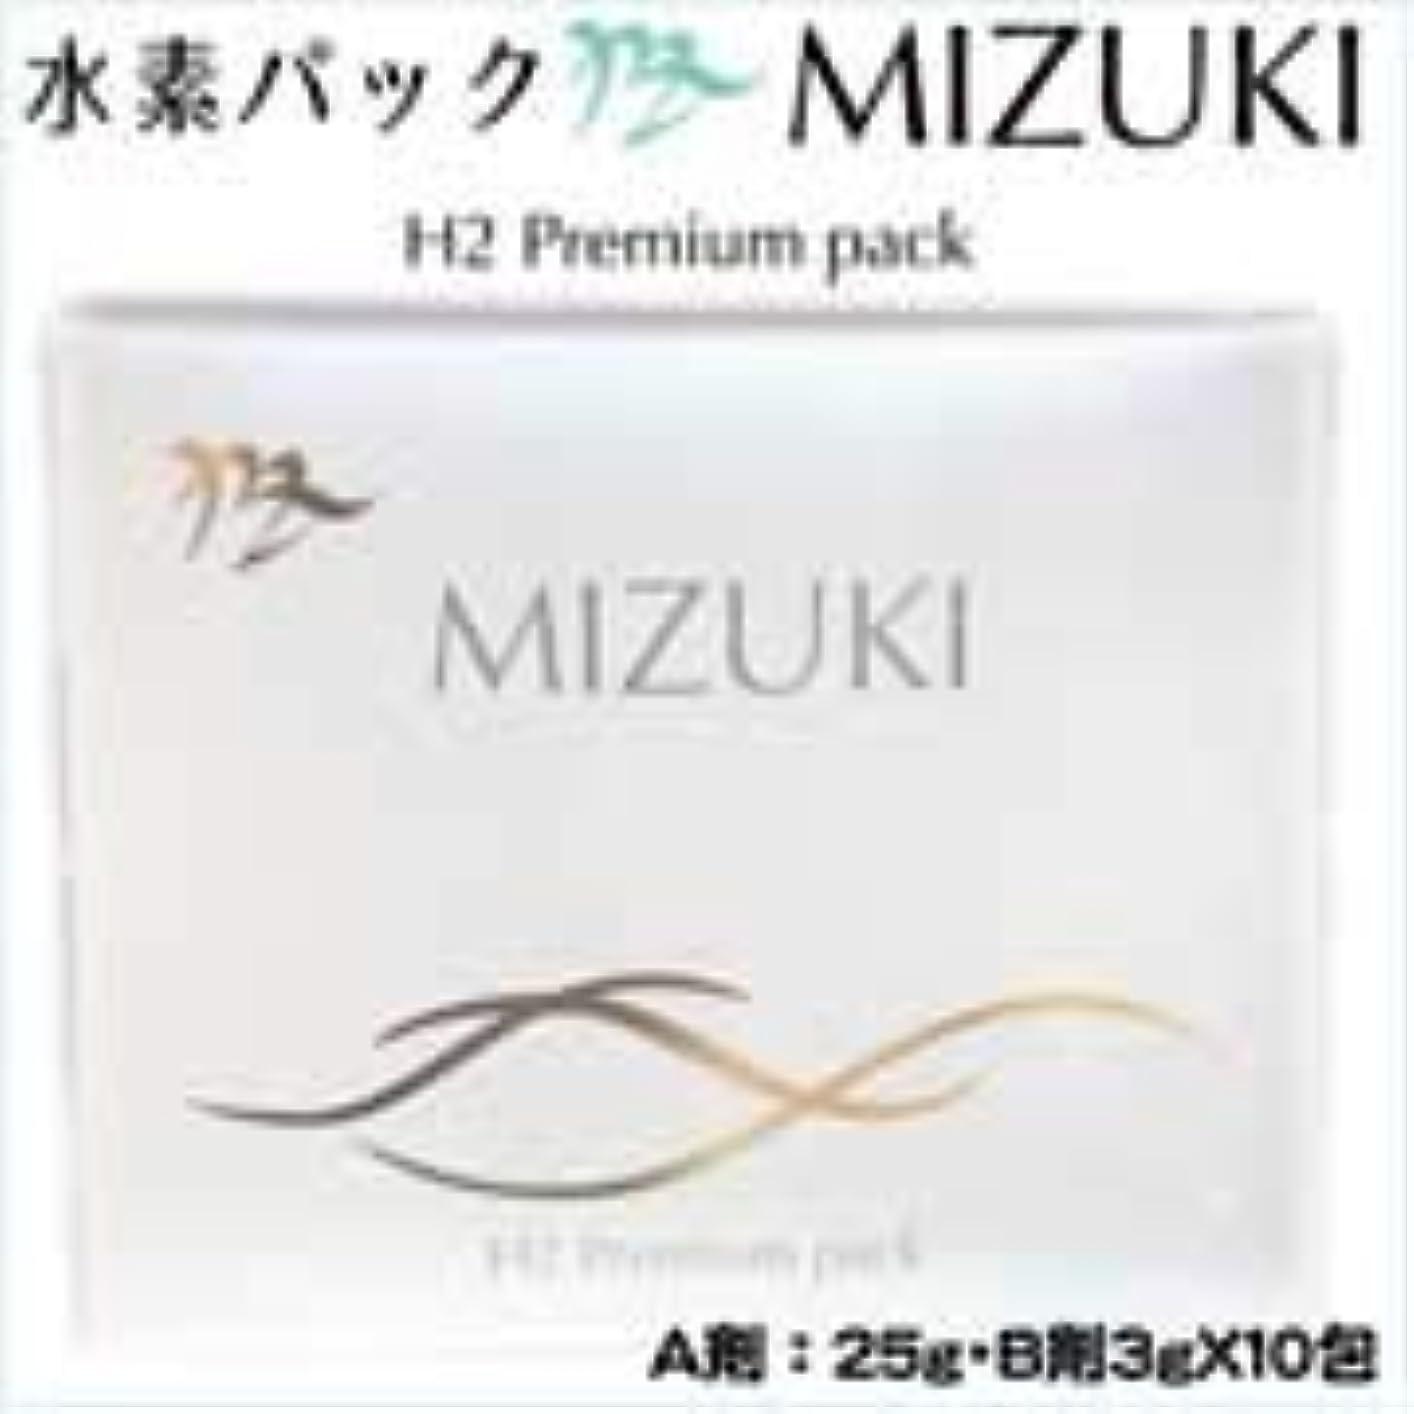 コース周りフルーツ野菜MIZUKI H2 Premium pack ミズキ プレミアムパック A剤:25g、B剤:3gX10包 スパチュラ付き